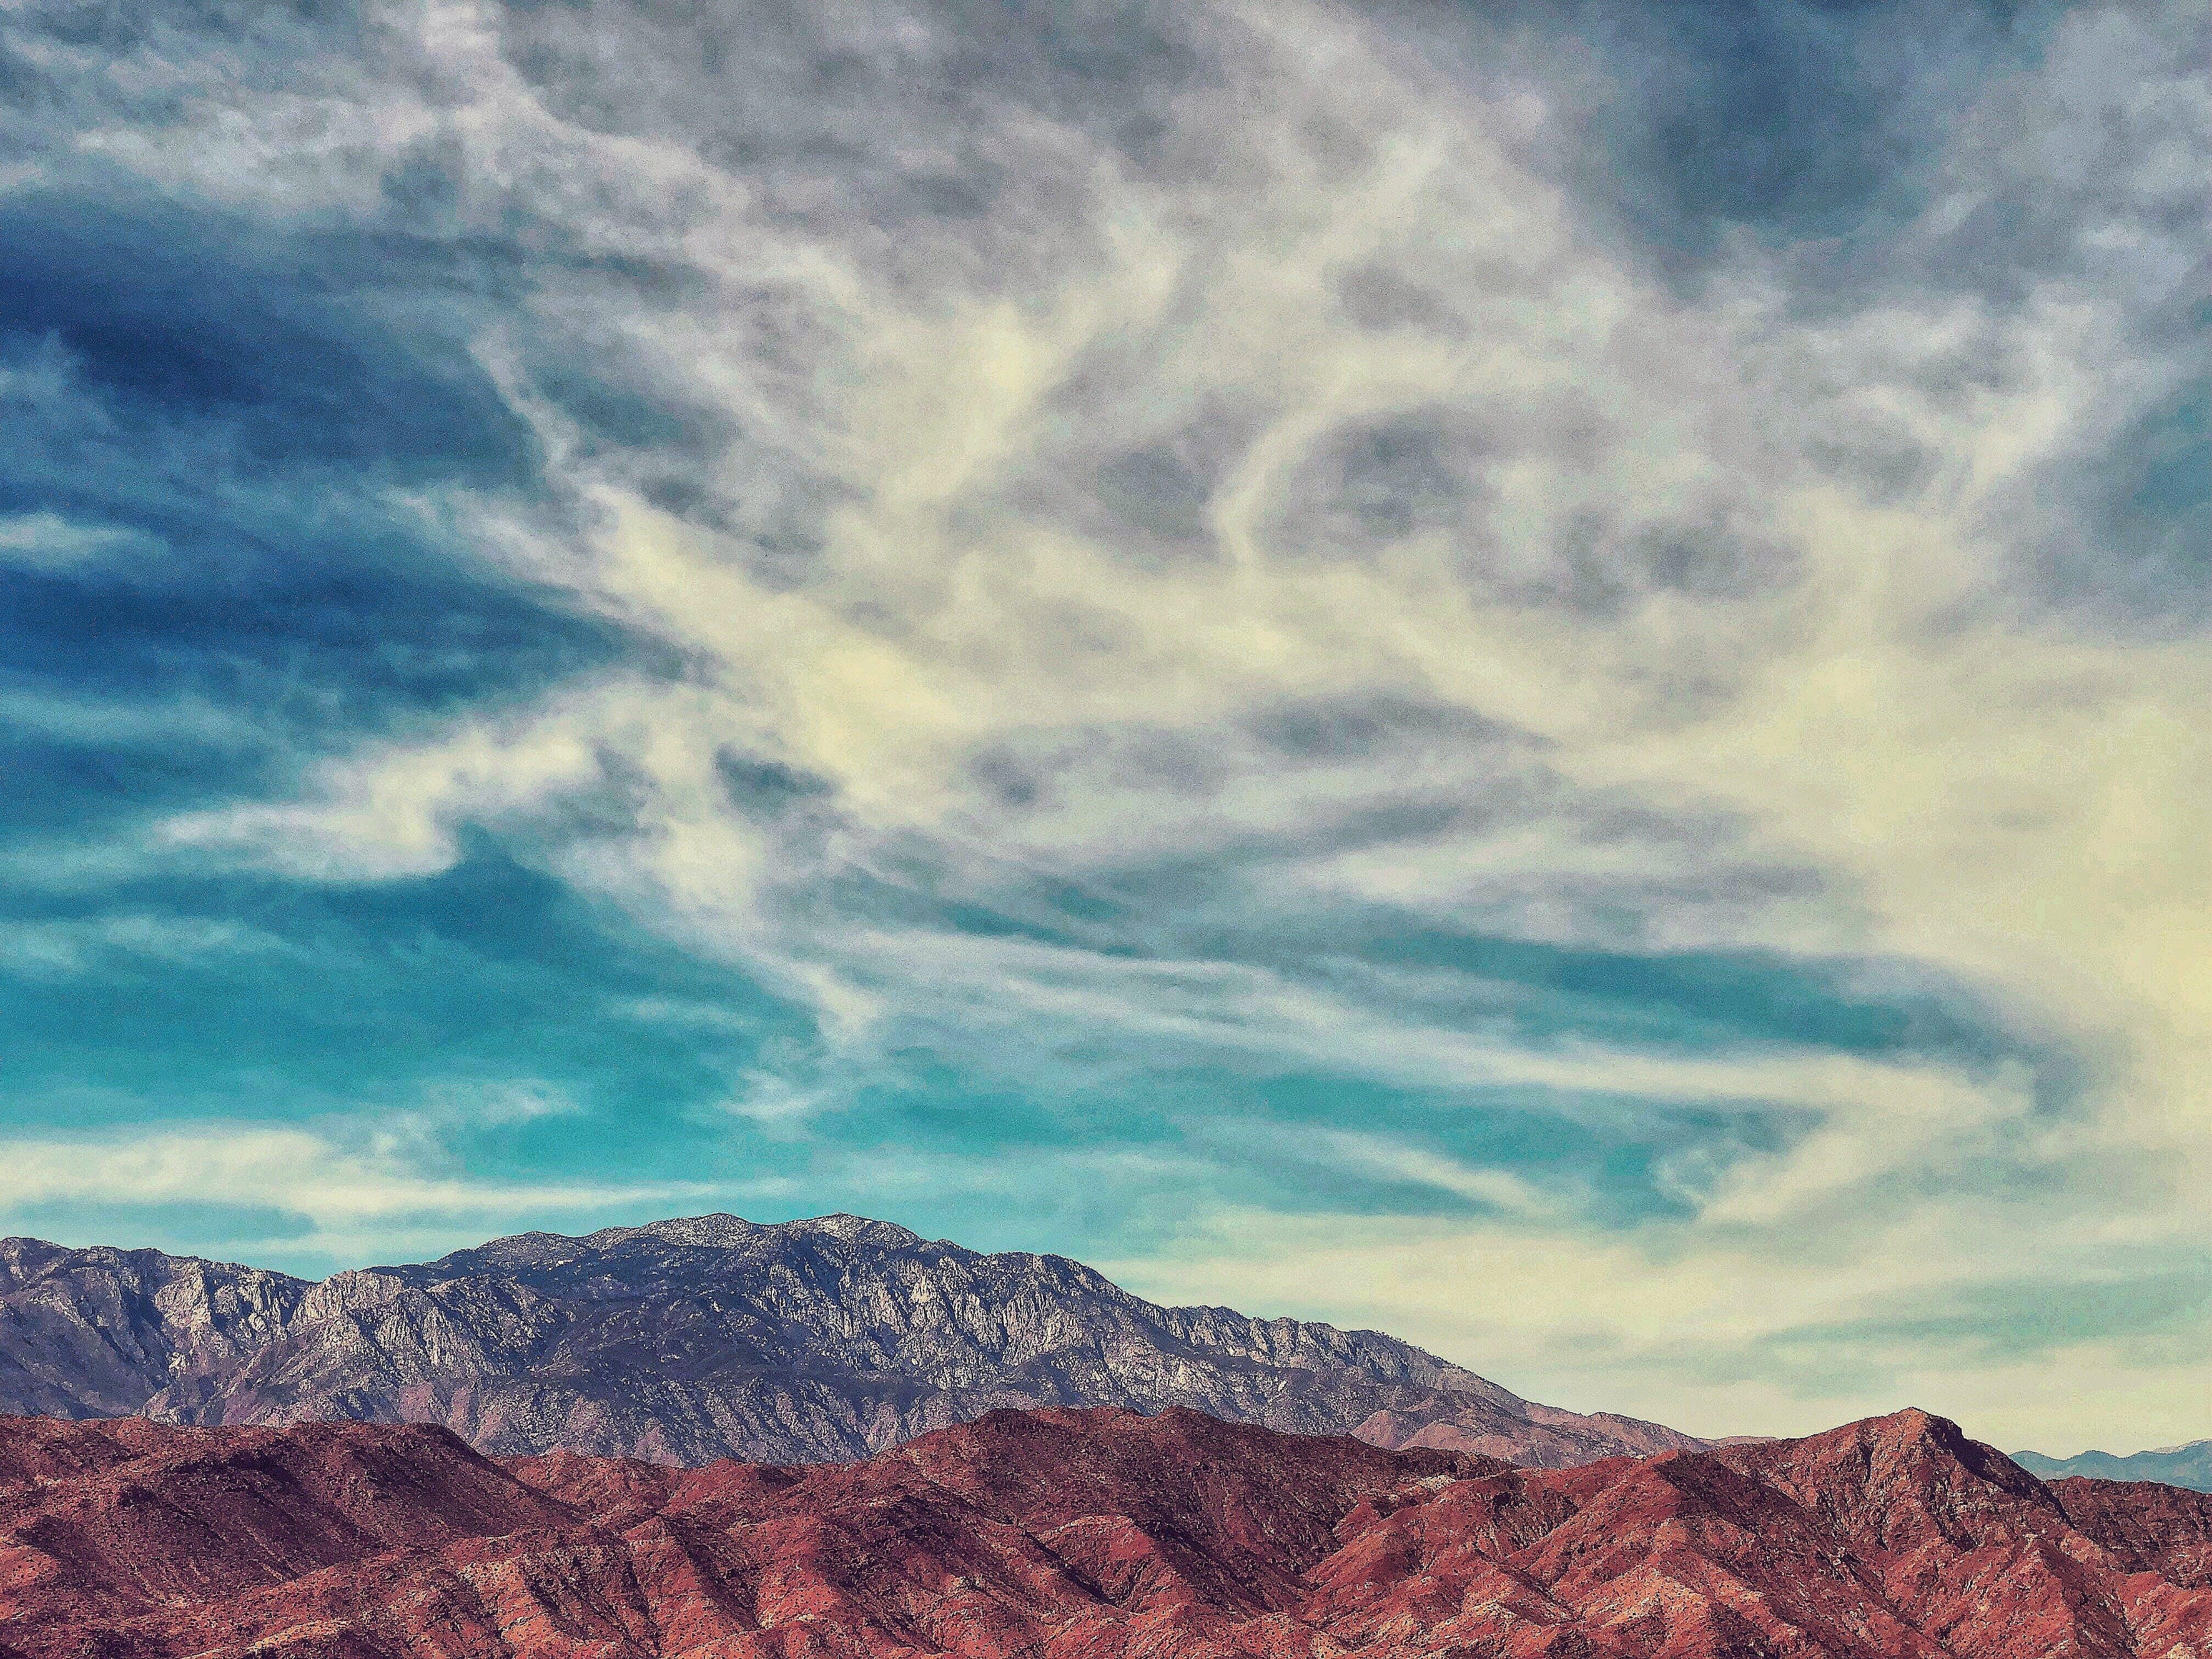 Δωρεάν στοκ φωτογραφιών με mobilechallenge, outdoorchallenge, βουνά, γεωλογία